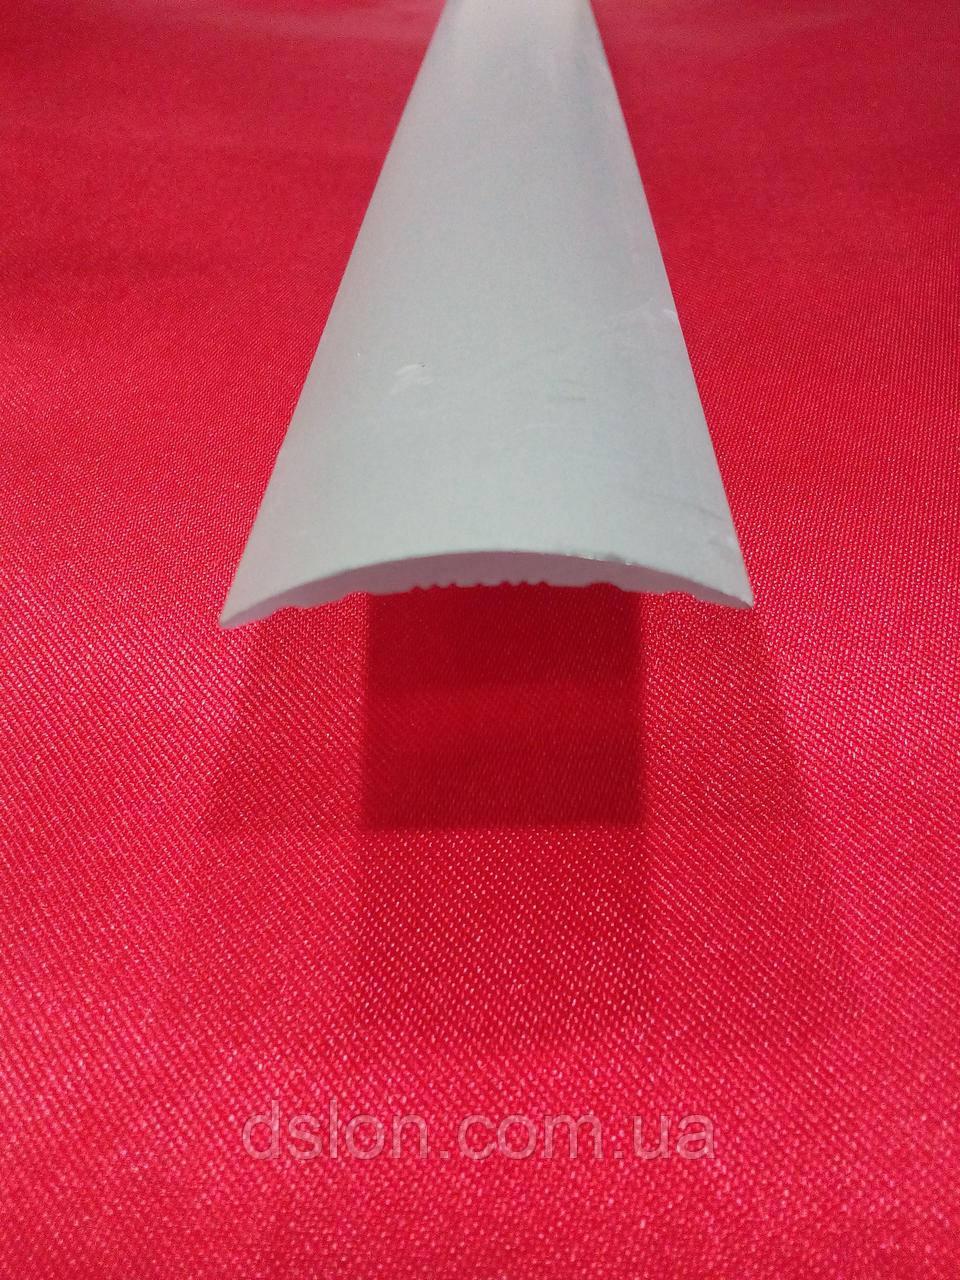 Порог плоский алюминиевый анод. 4,5*29 мм